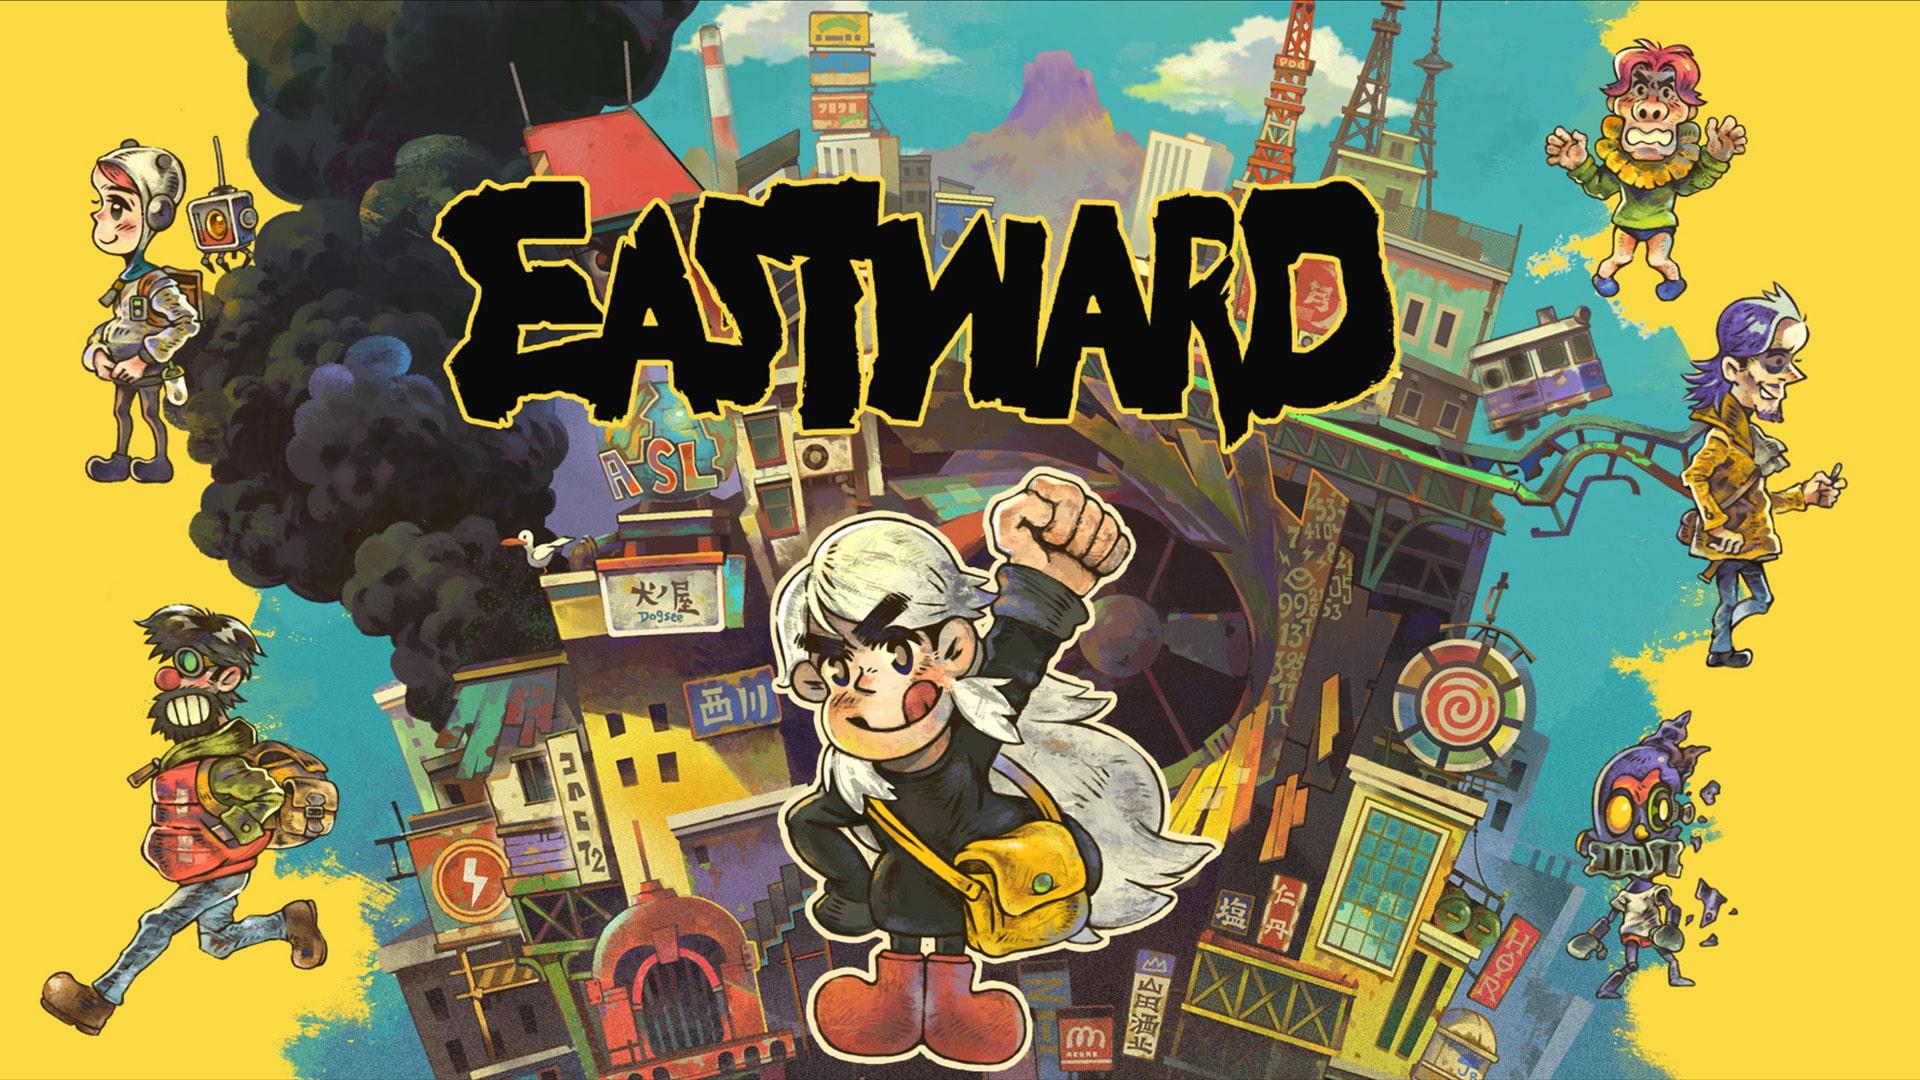 eastward release date